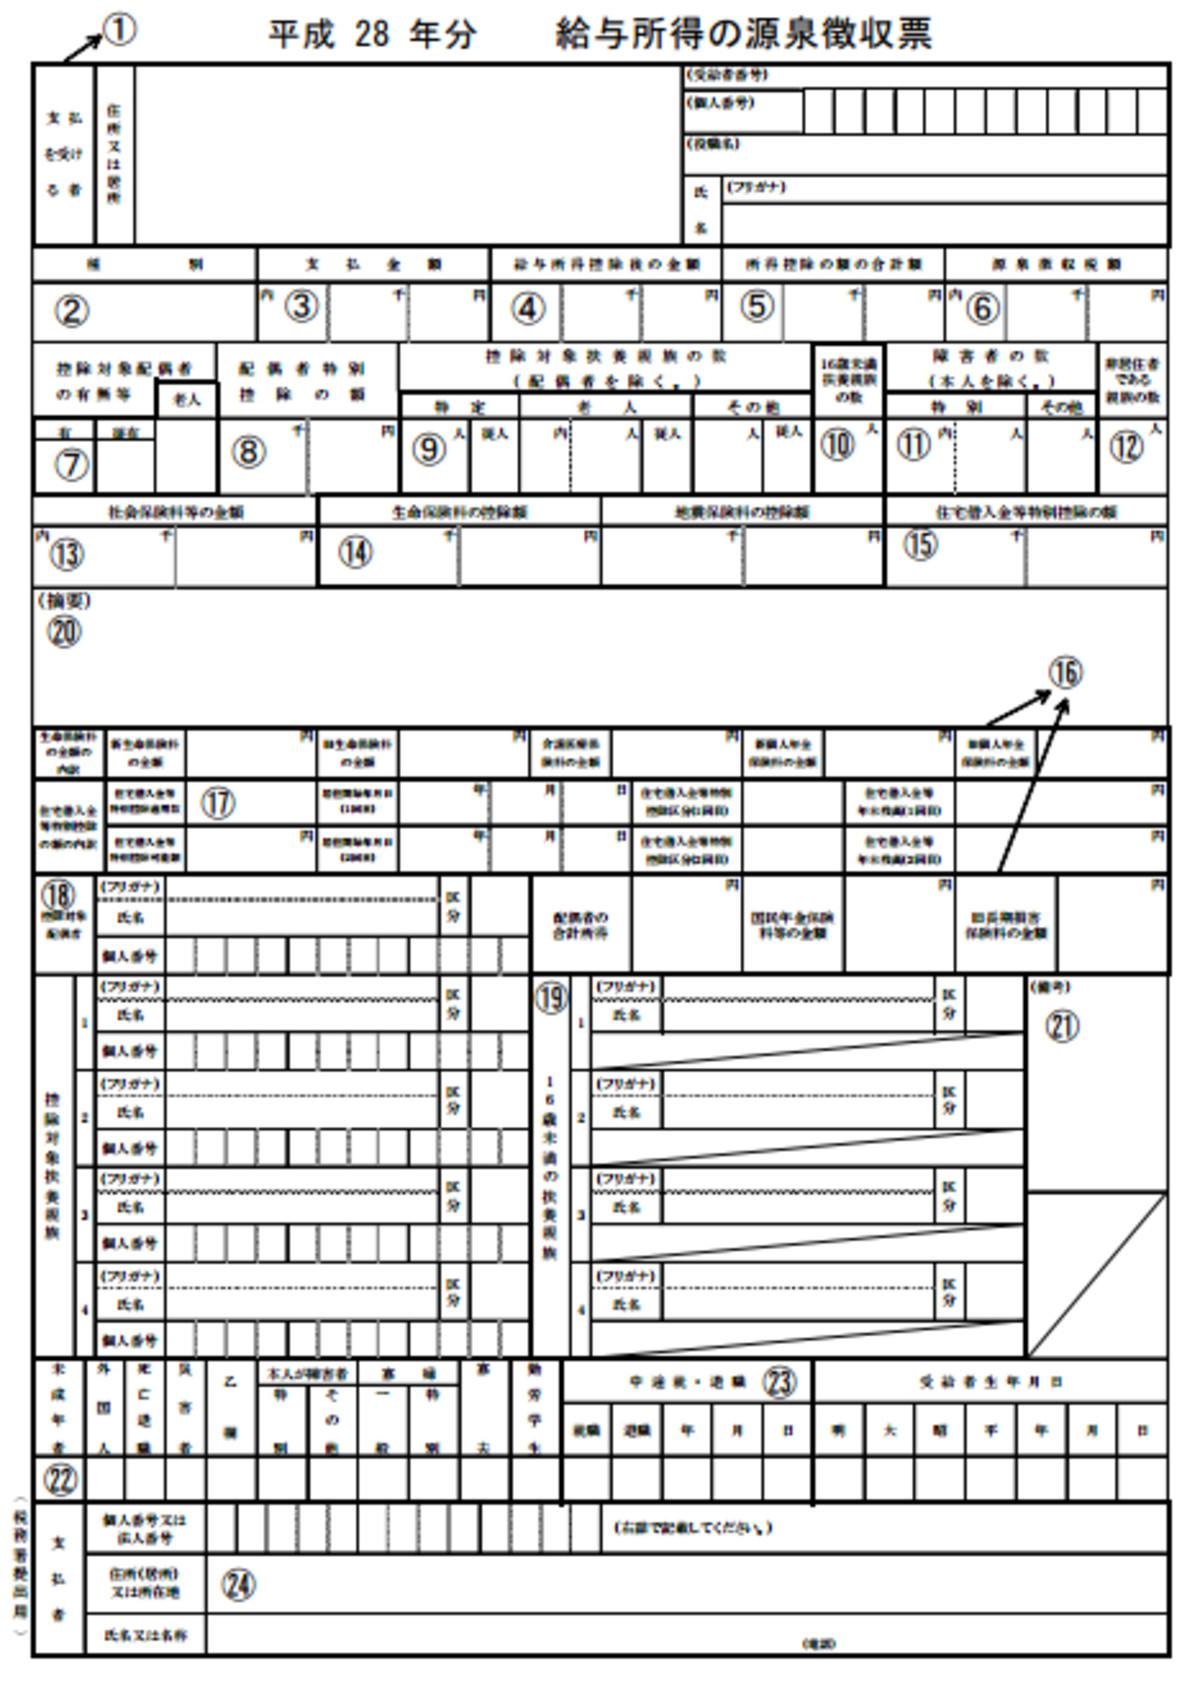 平成28年分以降の源泉徴収票イメージ(編集部にて作成)